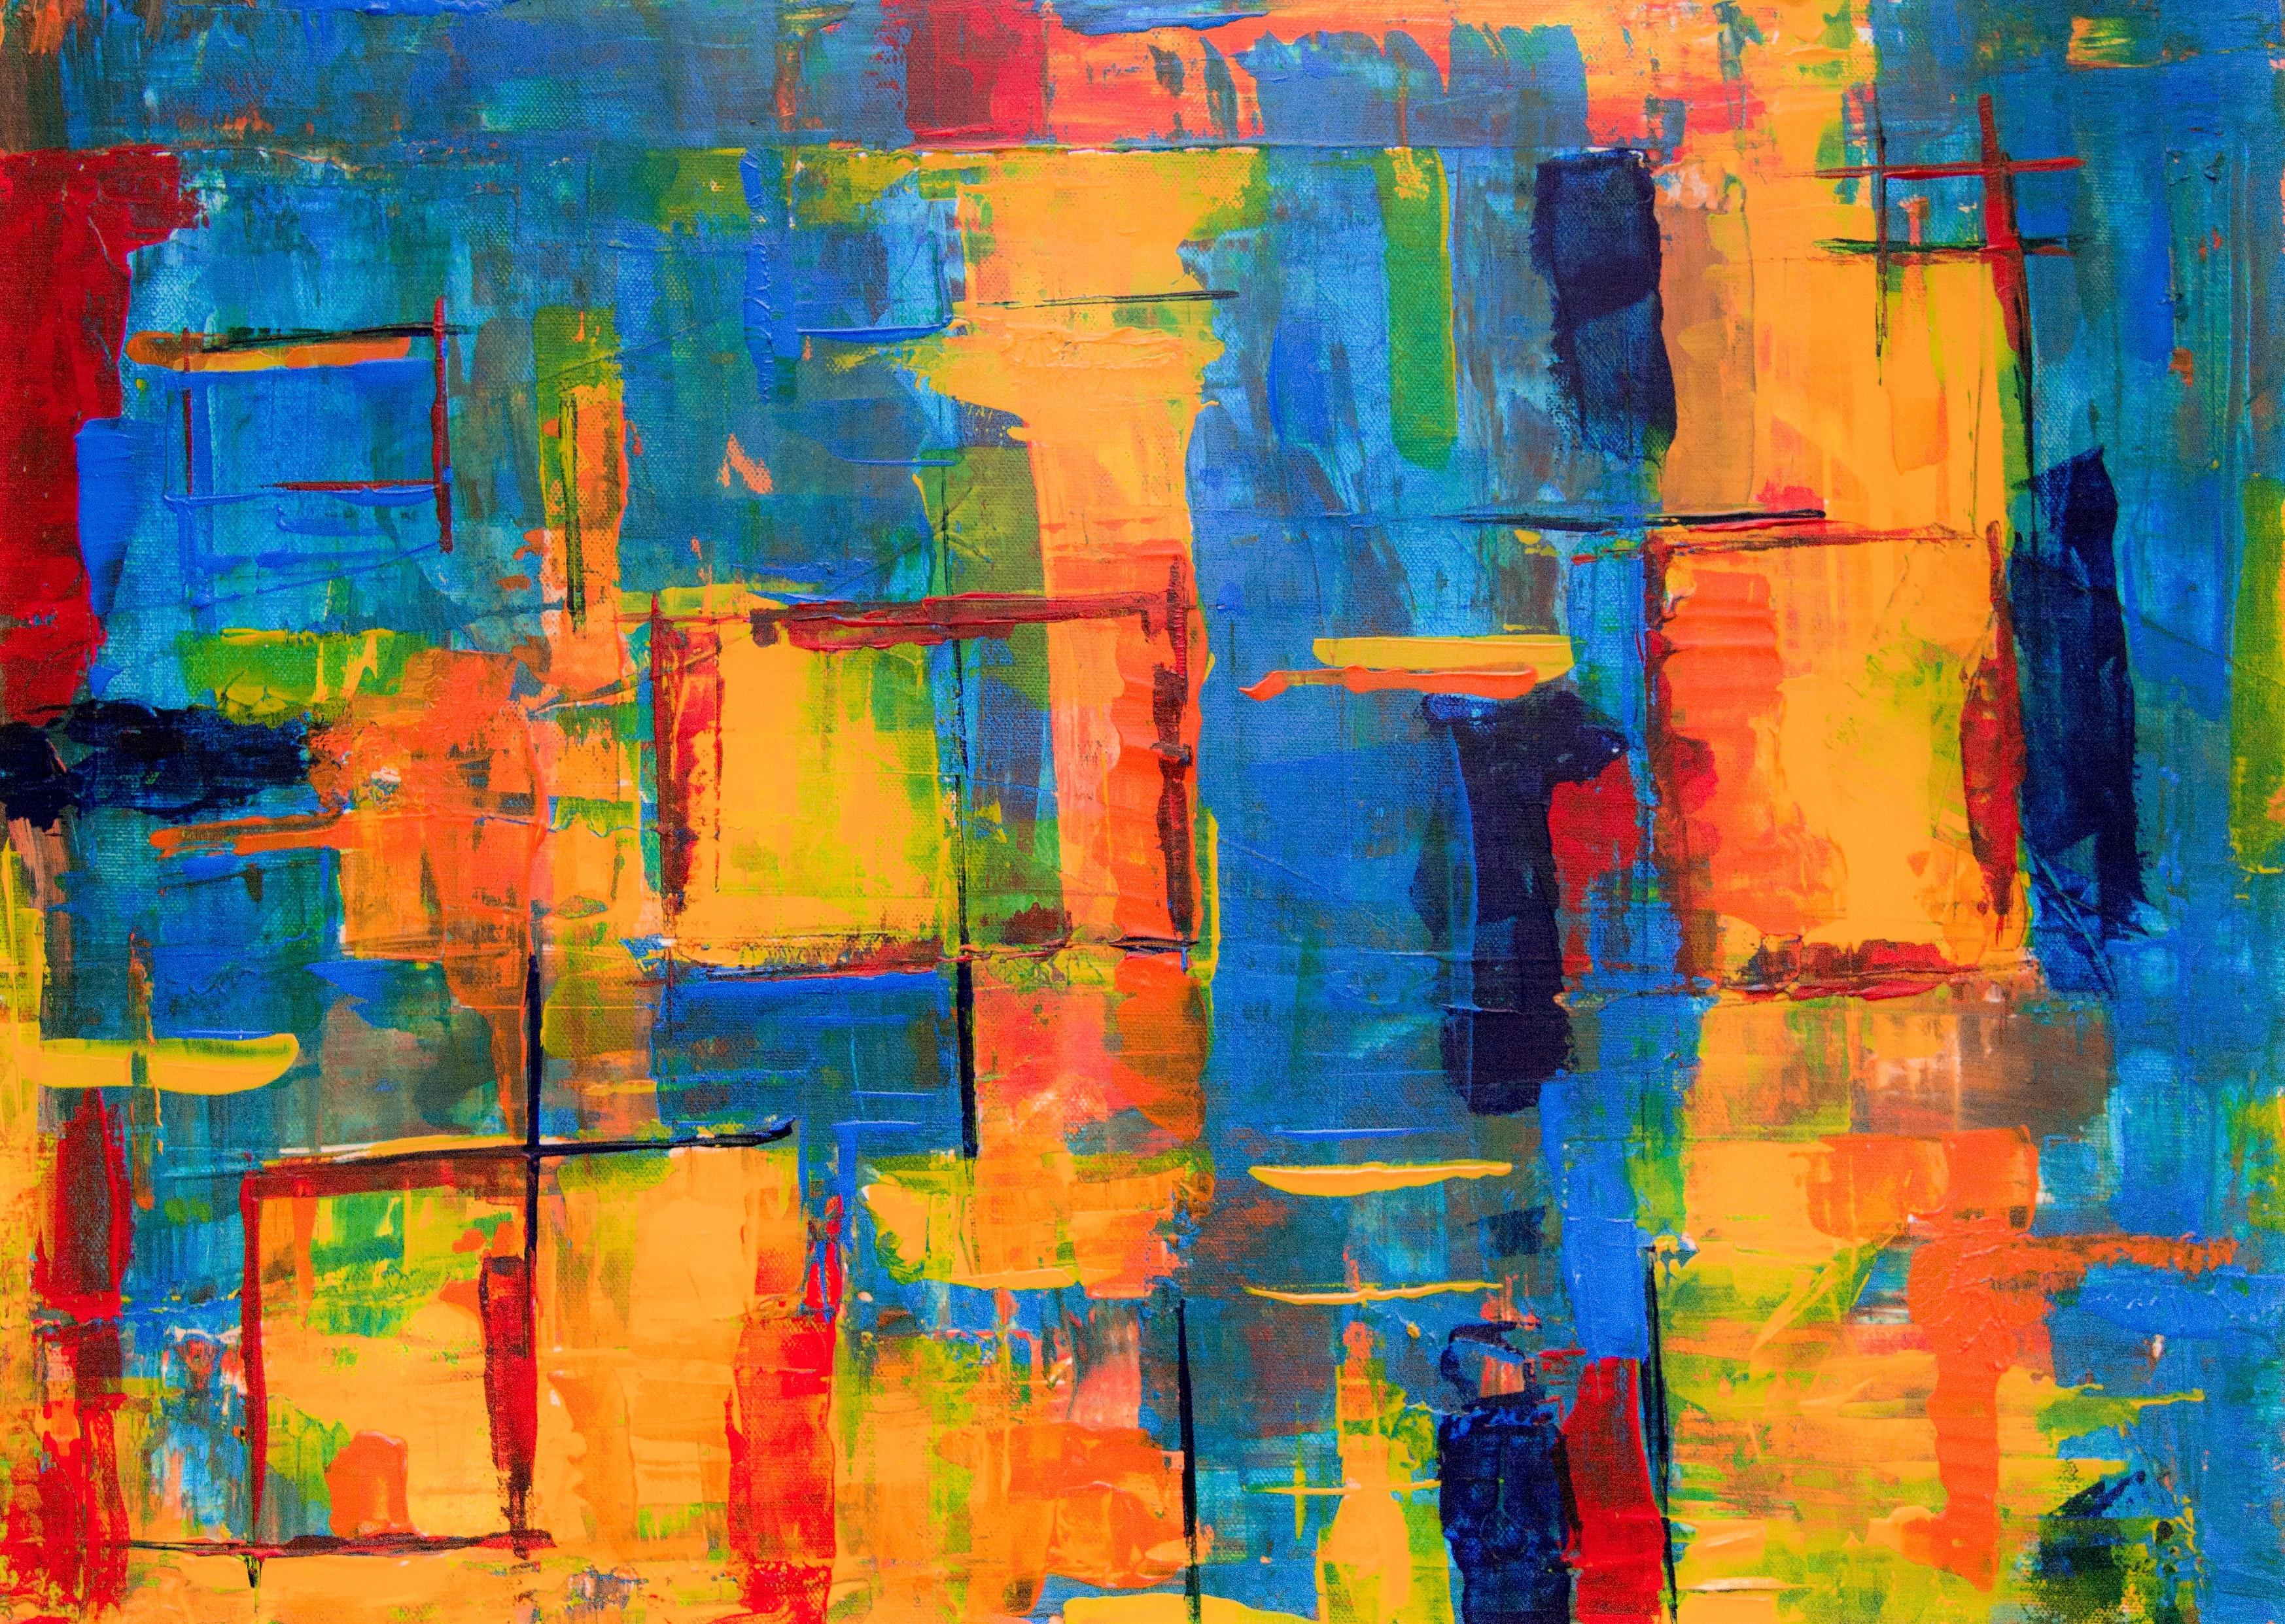 Ongekend Gratis Afbeeldingen : abstract expressionisme, abstract schilderij KT-65